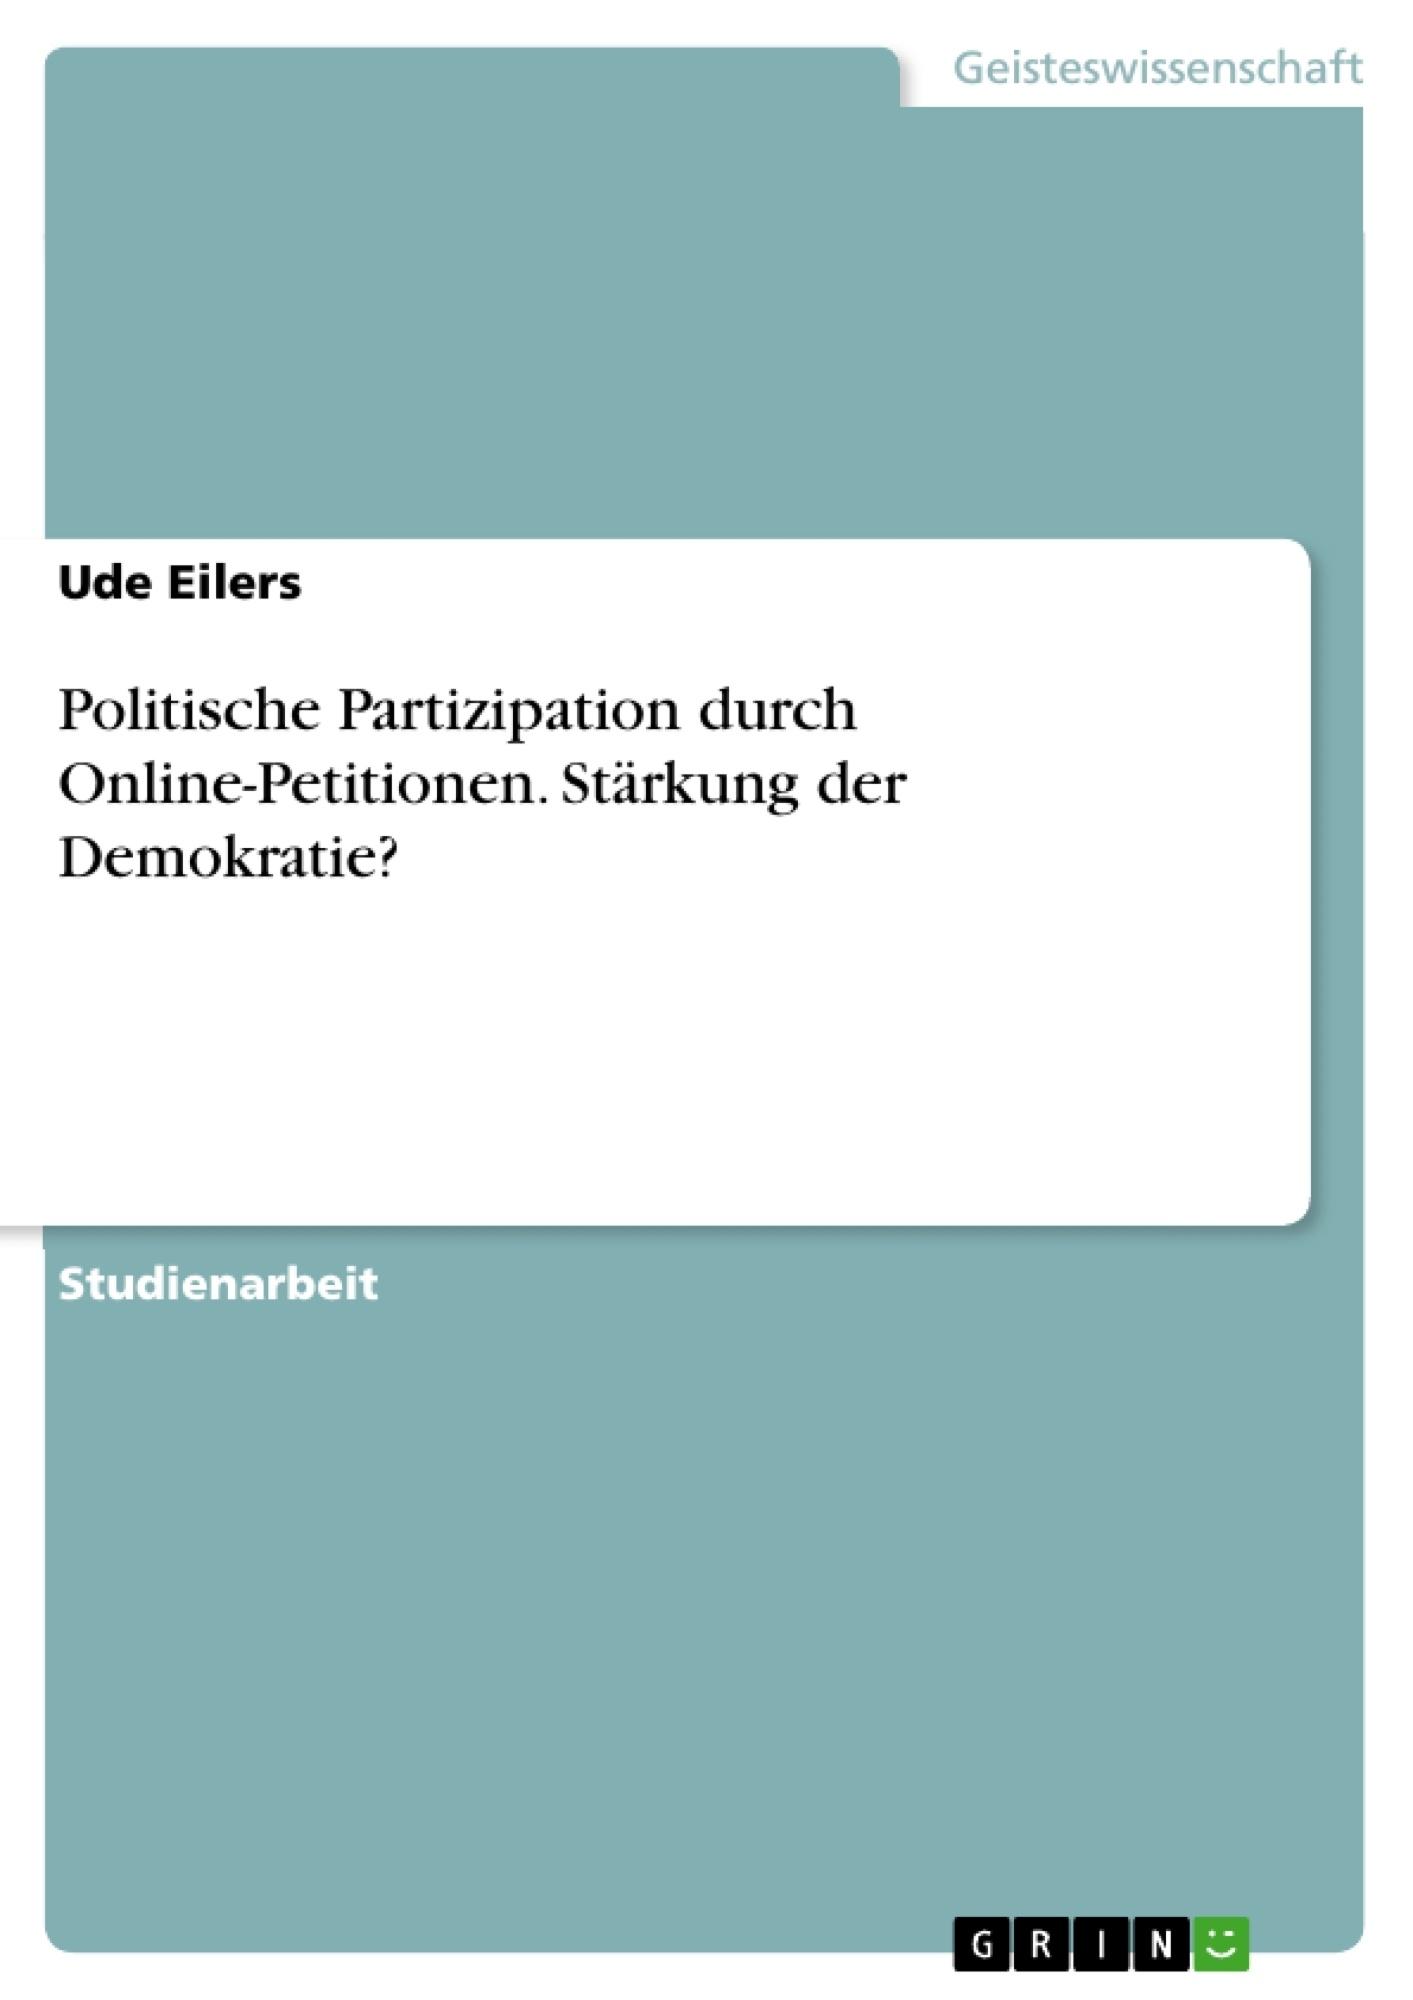 Titel: Politische Partizipation durch Online-Petitionen. Stärkung der Demokratie?